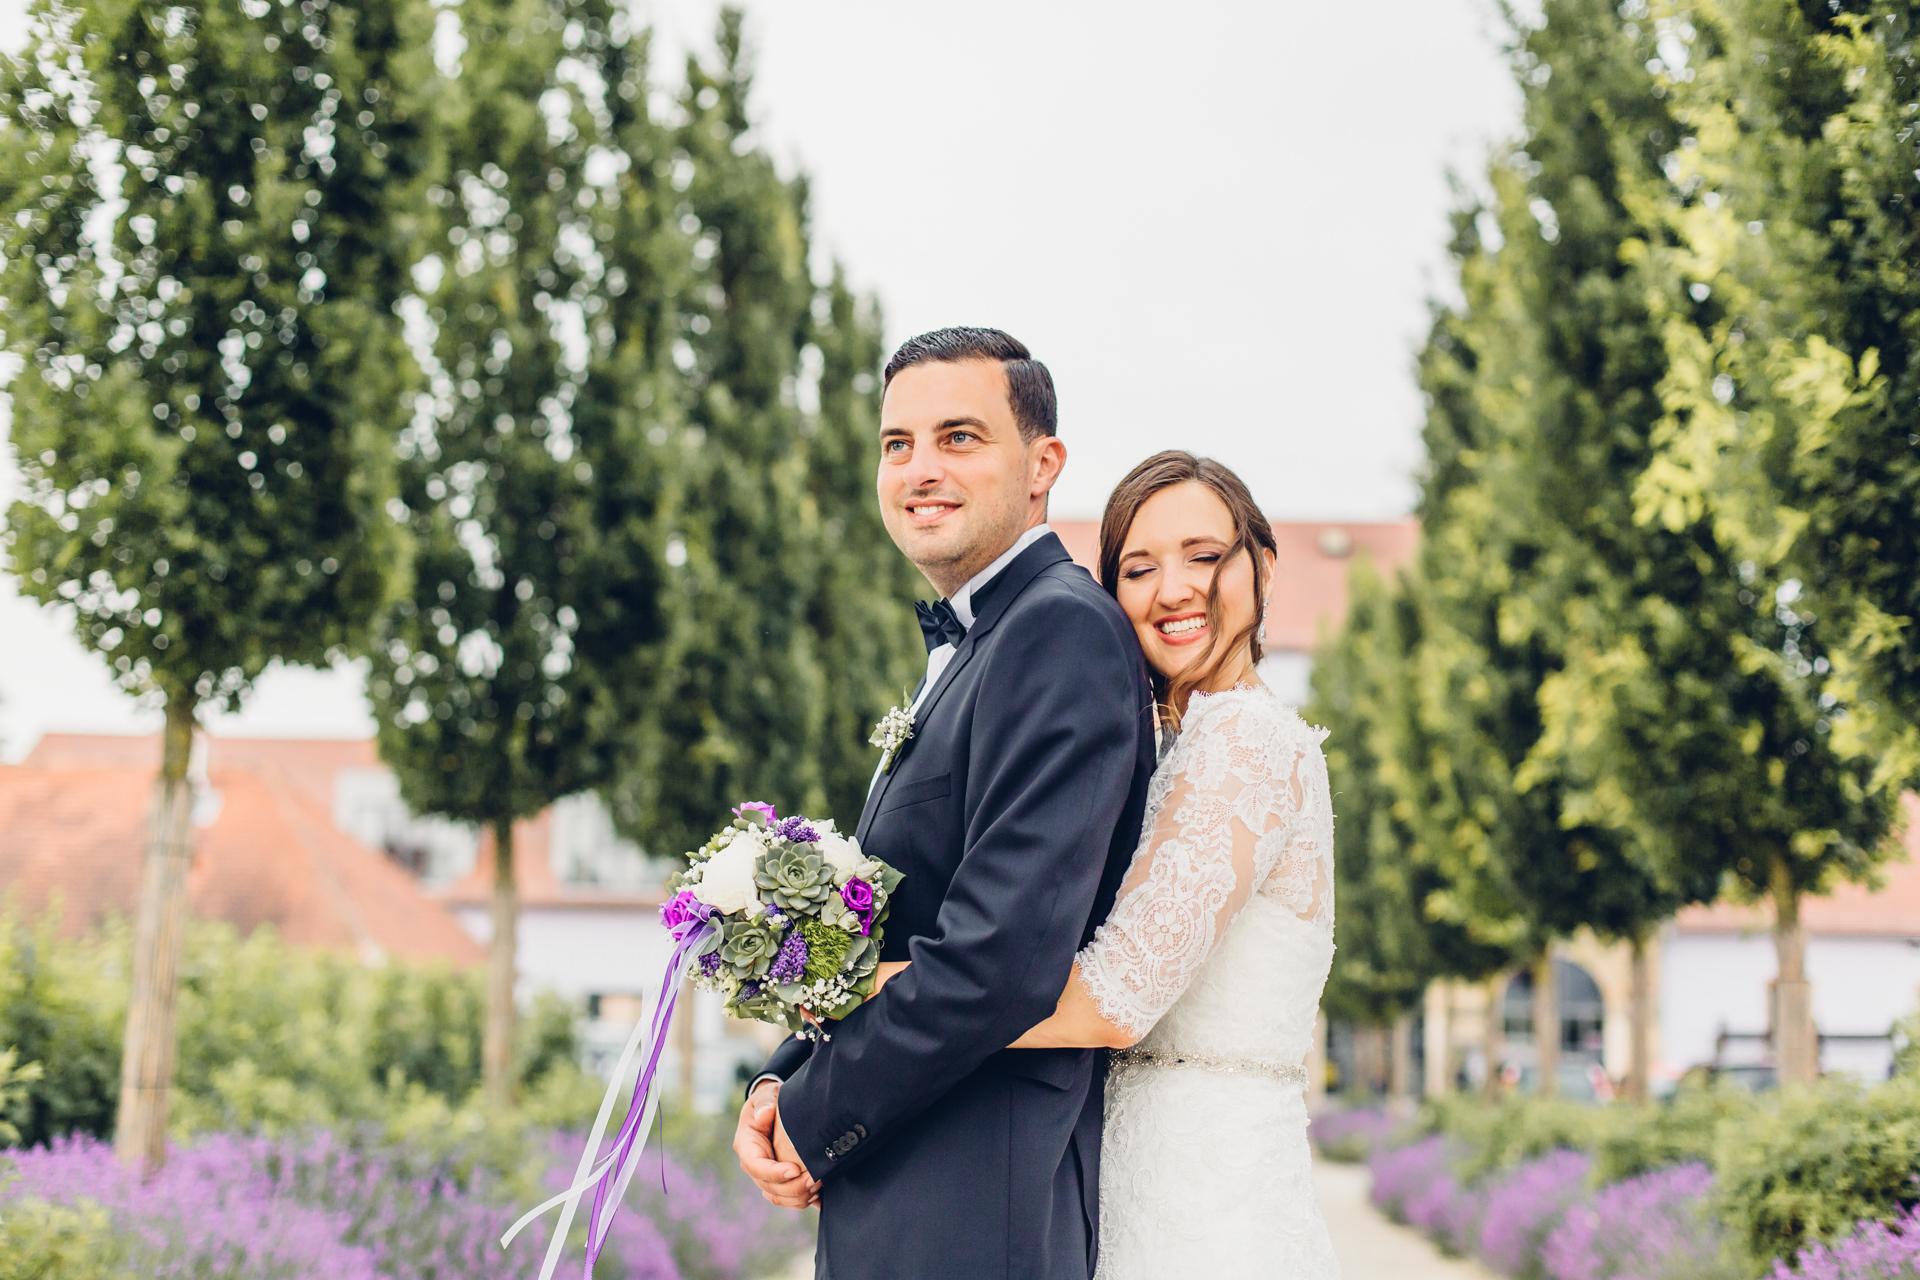 Märchenhafte Hochzeit in Lila im Weingut am Nil in Kallstadt mitten zwischen Lavendelblüten